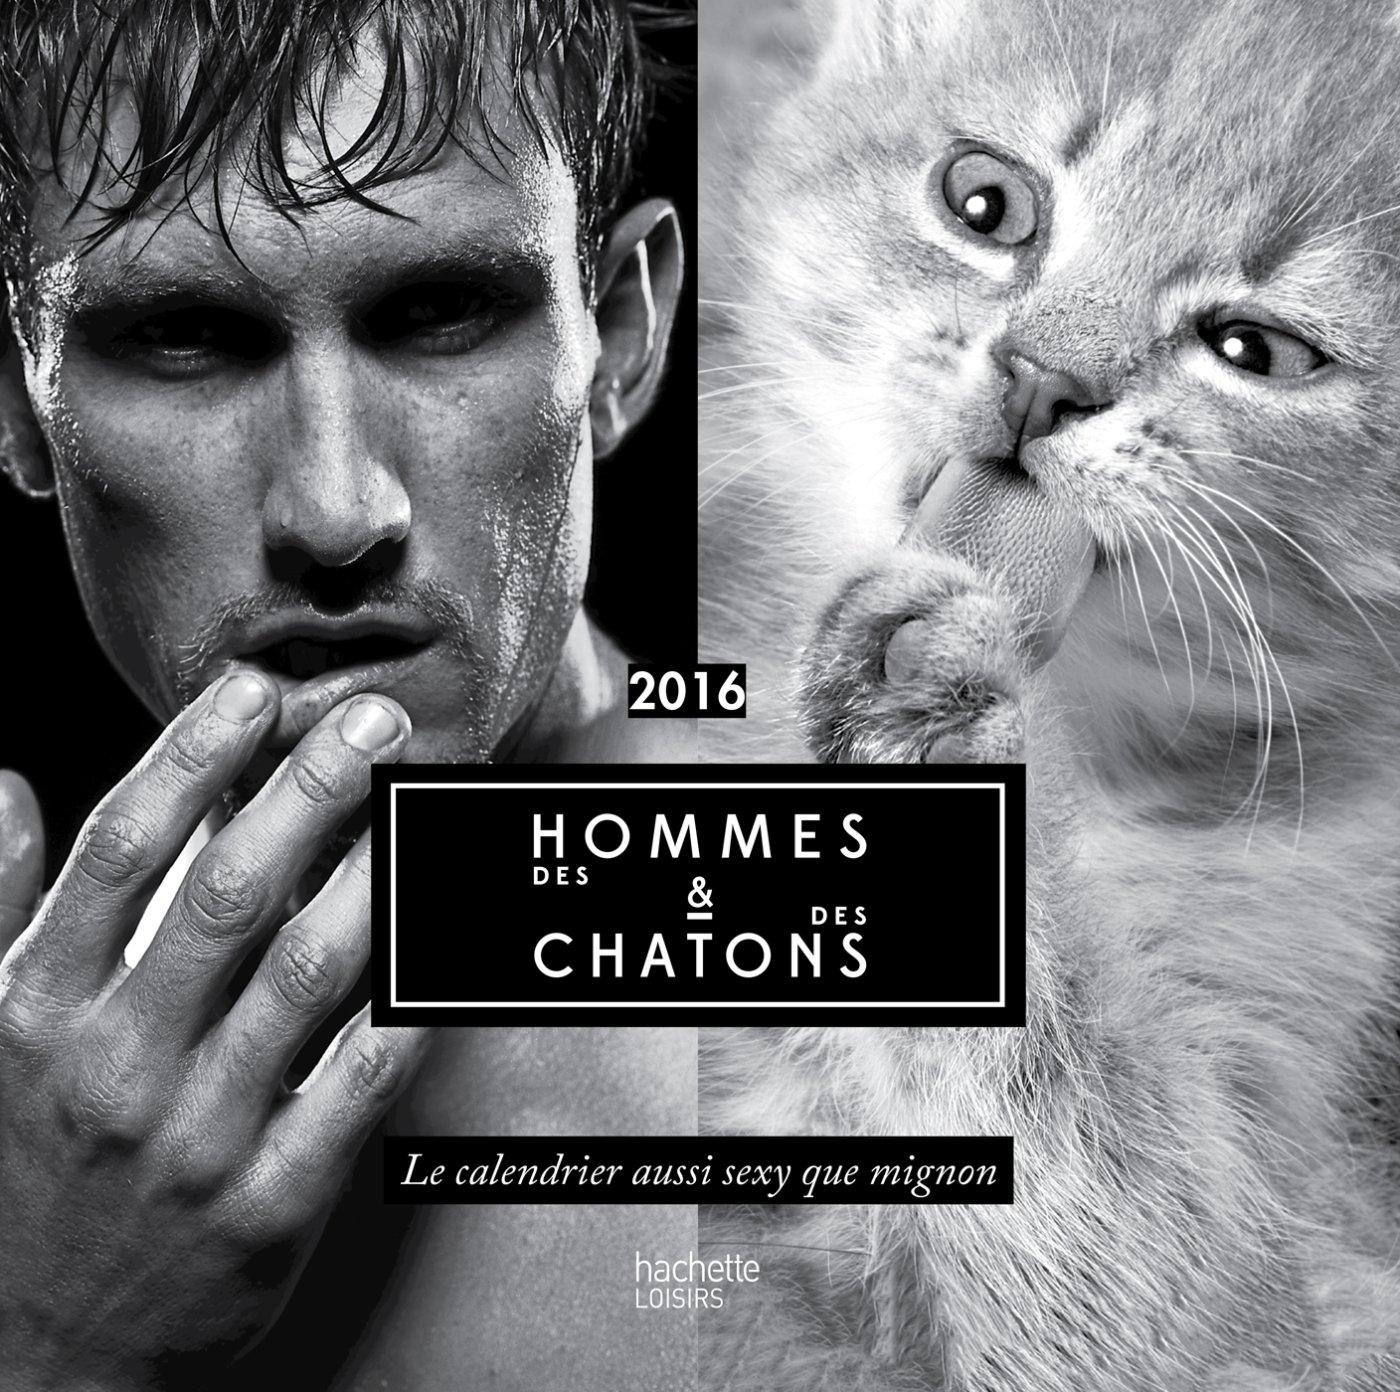 """Des Hommes Et Chatons des hommes & des chatons"""" 2016, le calendrier aussi sexy que mignon"""